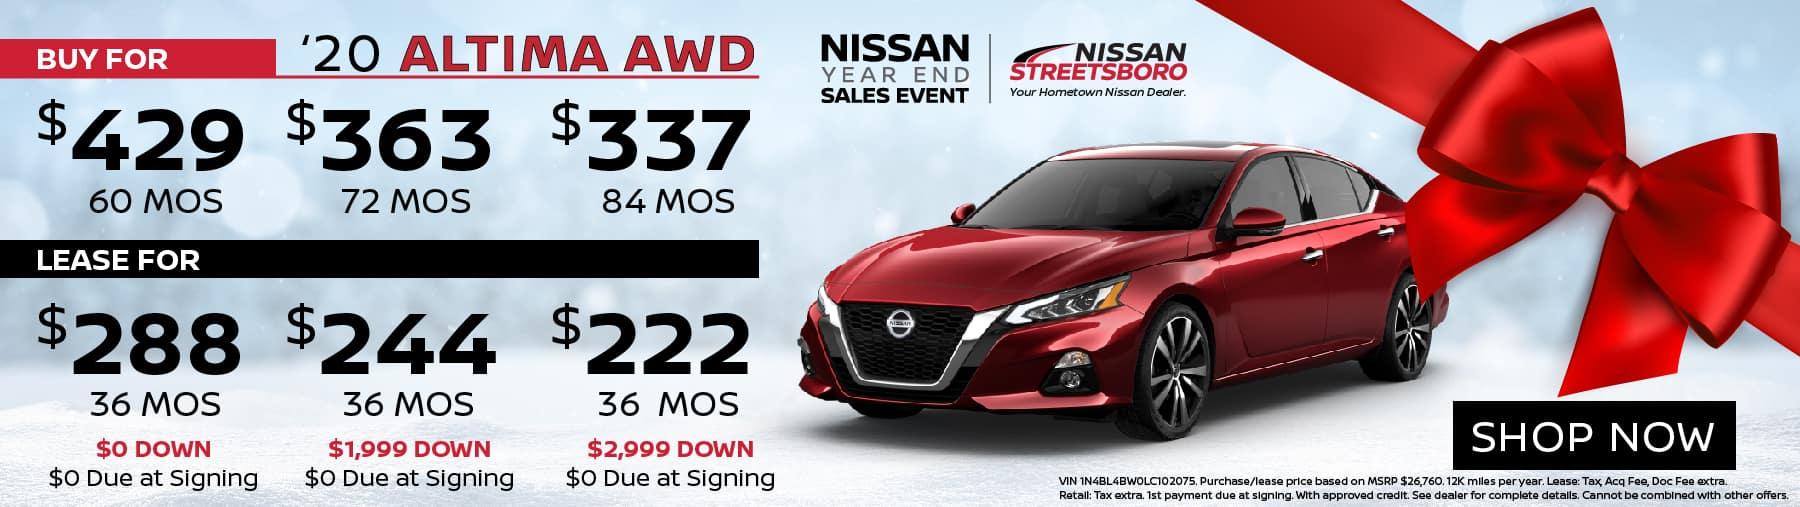 2020 Nissan Altima AWD